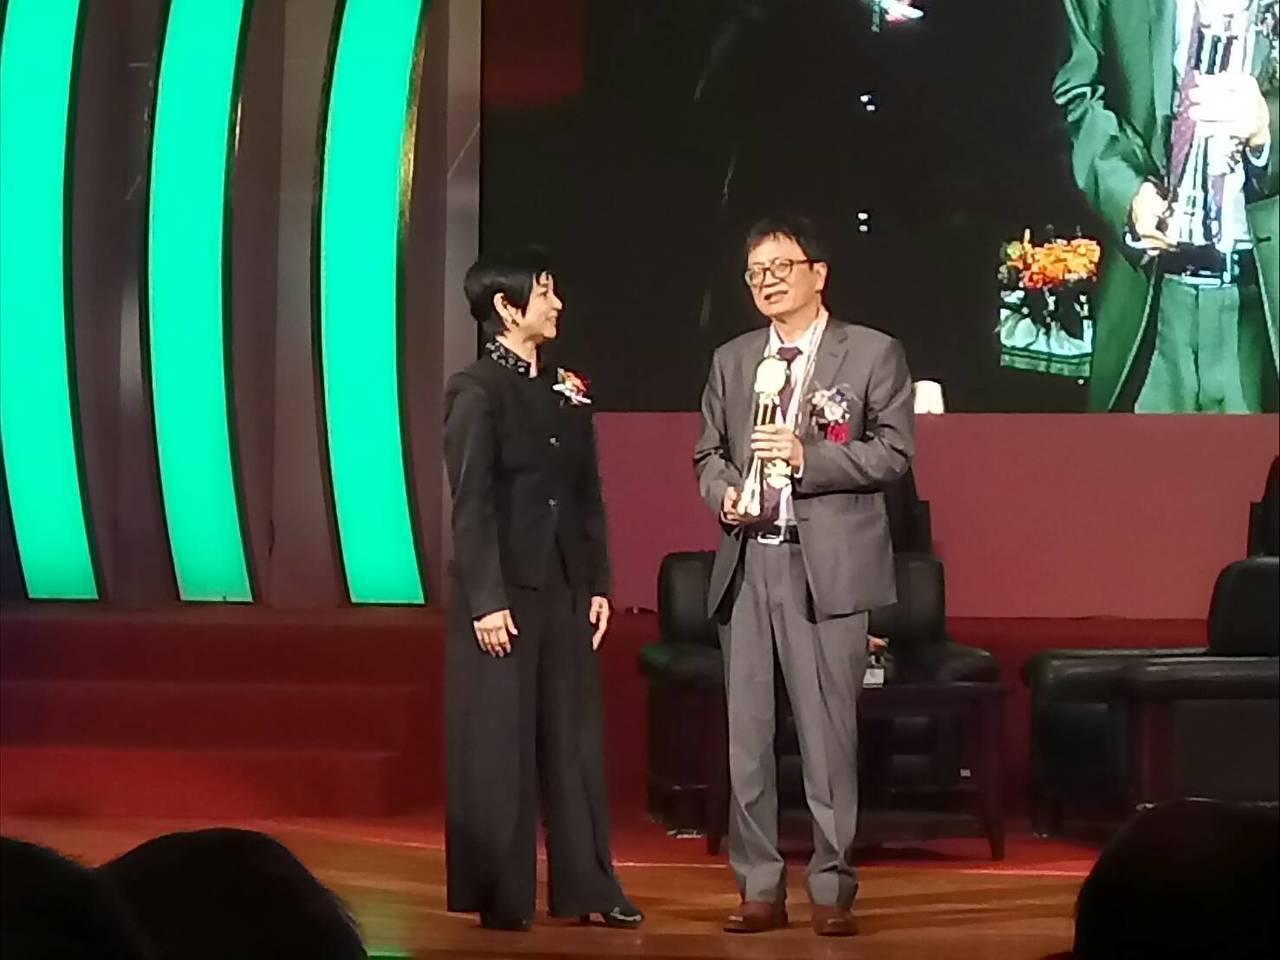 第28屆醫療奉獻獎今頒獎,台大雲林分院精神部主治醫師葉寶專(右)是今年第28屆個...